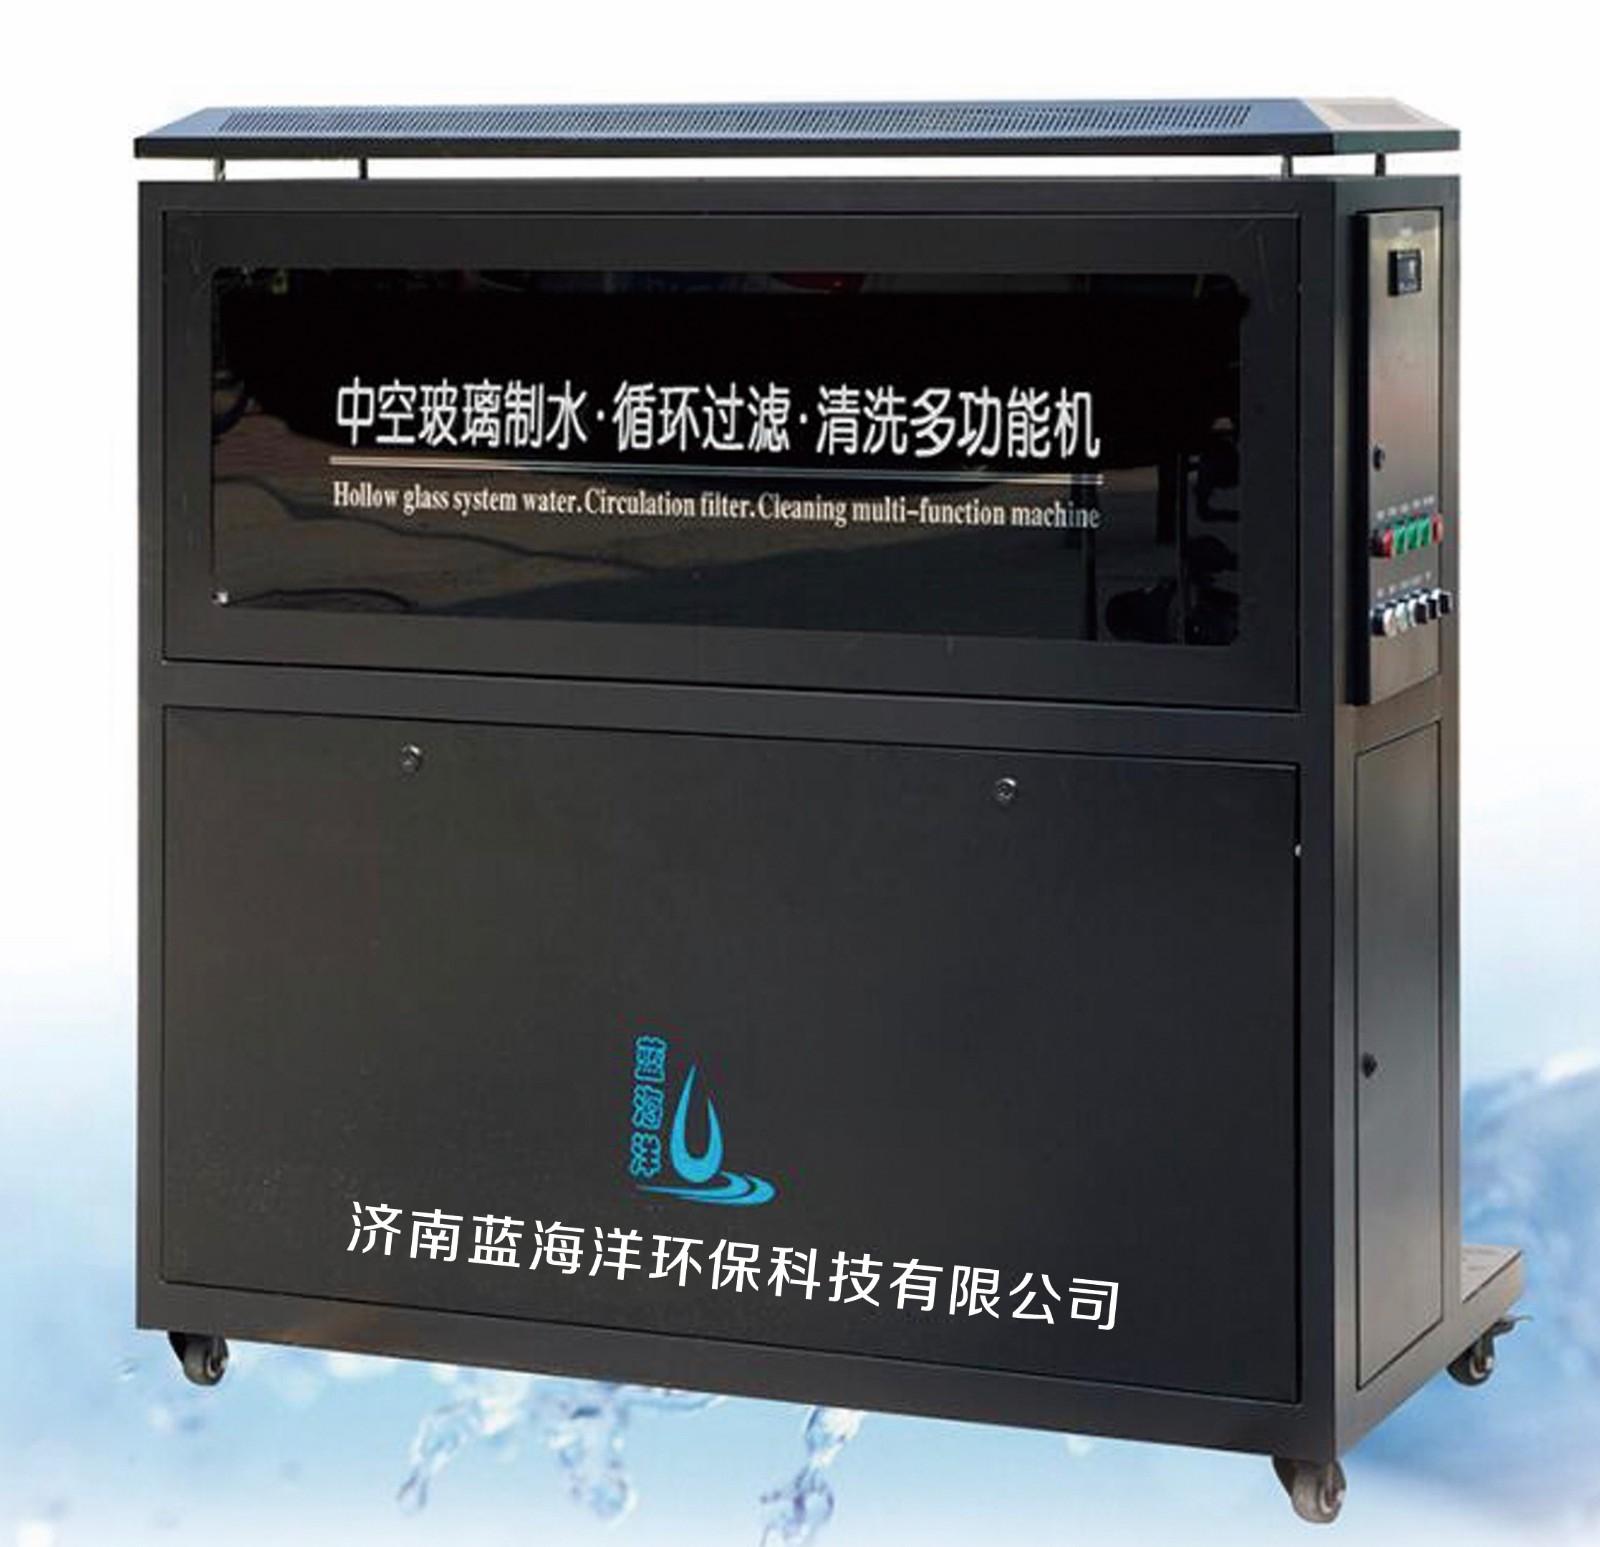 蓝海洋中空玻璃制水·循环过滤·清洗多功能机